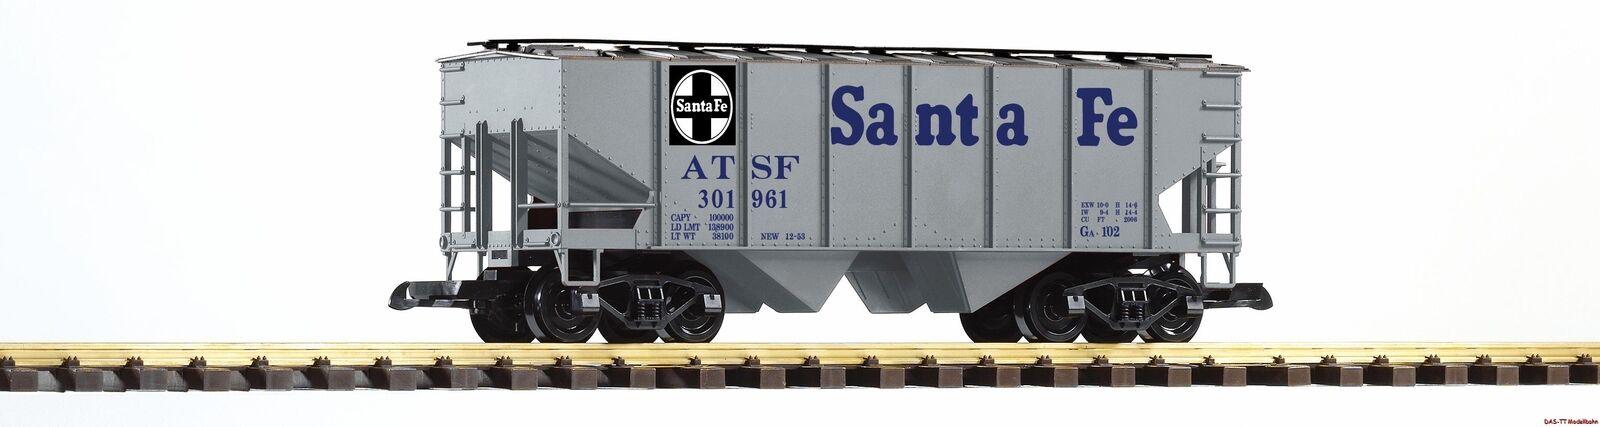 G ammassare carrello SF Santa Fe Railroad Grigio Piko 38835